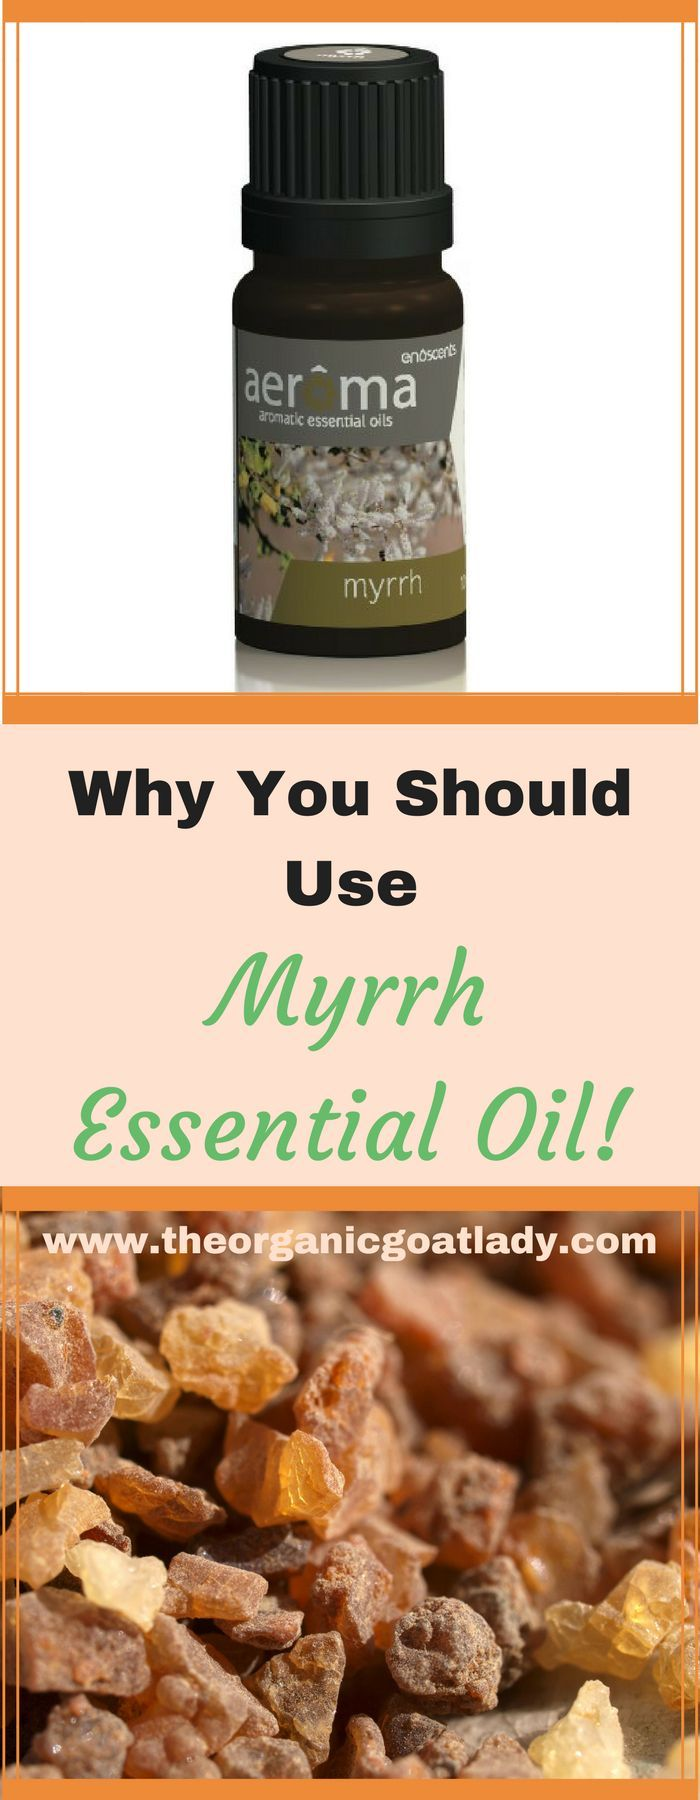 Why You Should Use Myrrh Essential Oil!